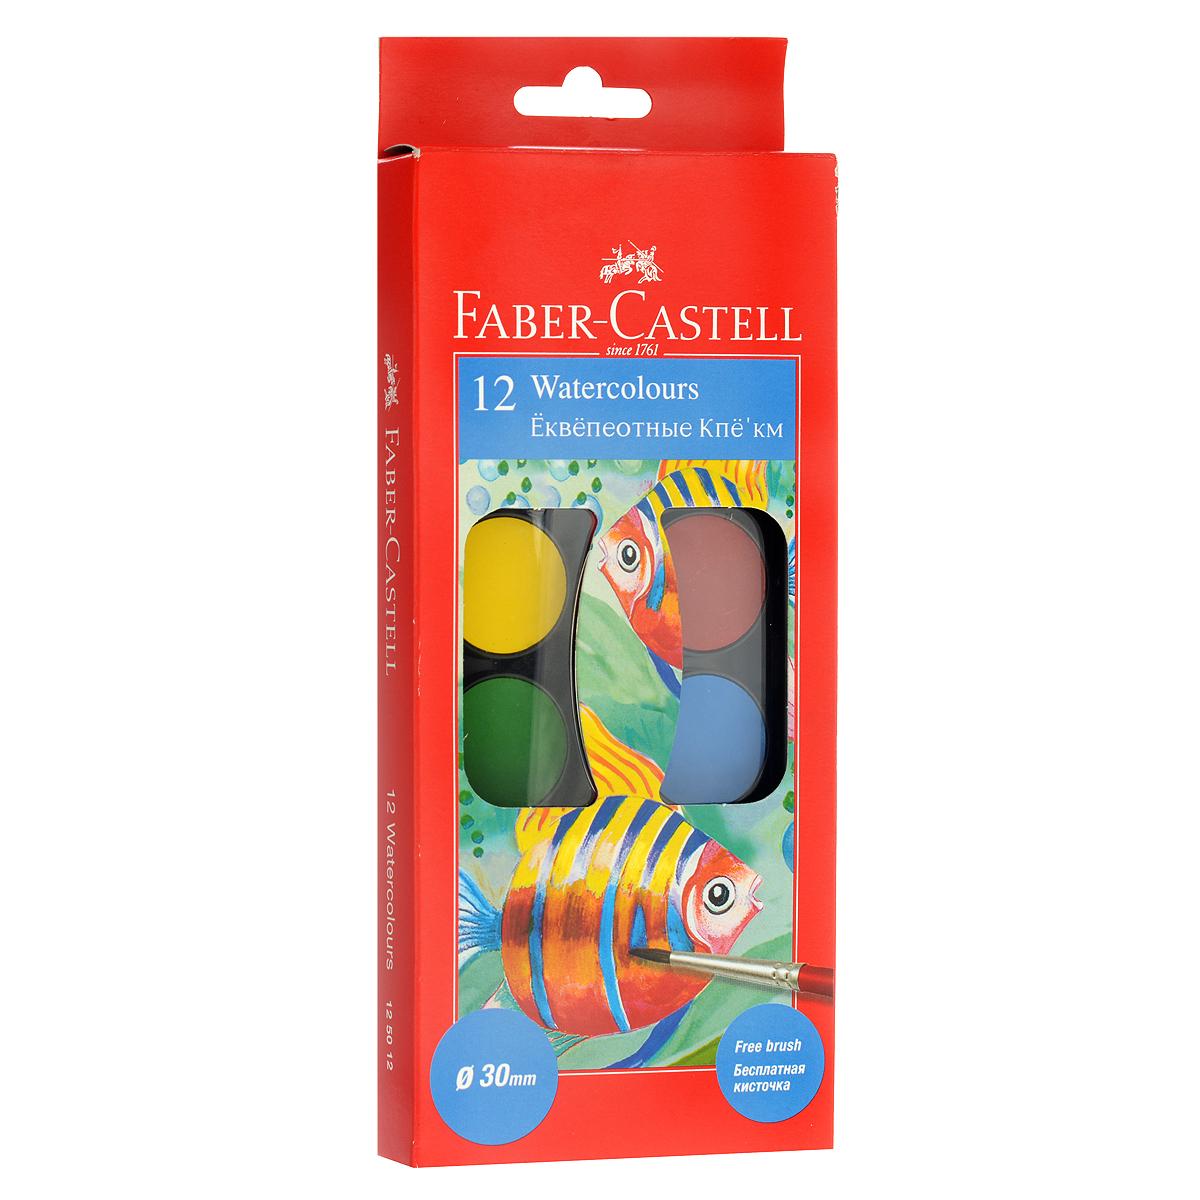 Акварельные краски Faber-Castell, с кисточкой, 12 штFS-00261Акварельные краски Faber-Castell - это живые и яркие цвета с прекрасной покрывающей способностью, богатая цветовая палитра при смешивании красок, прекрасный результат нанесения на бумагу и другие поверхности. Акварельные краски Faber-Castell - рисуйте в удовольствие! Кисточка в подарок!